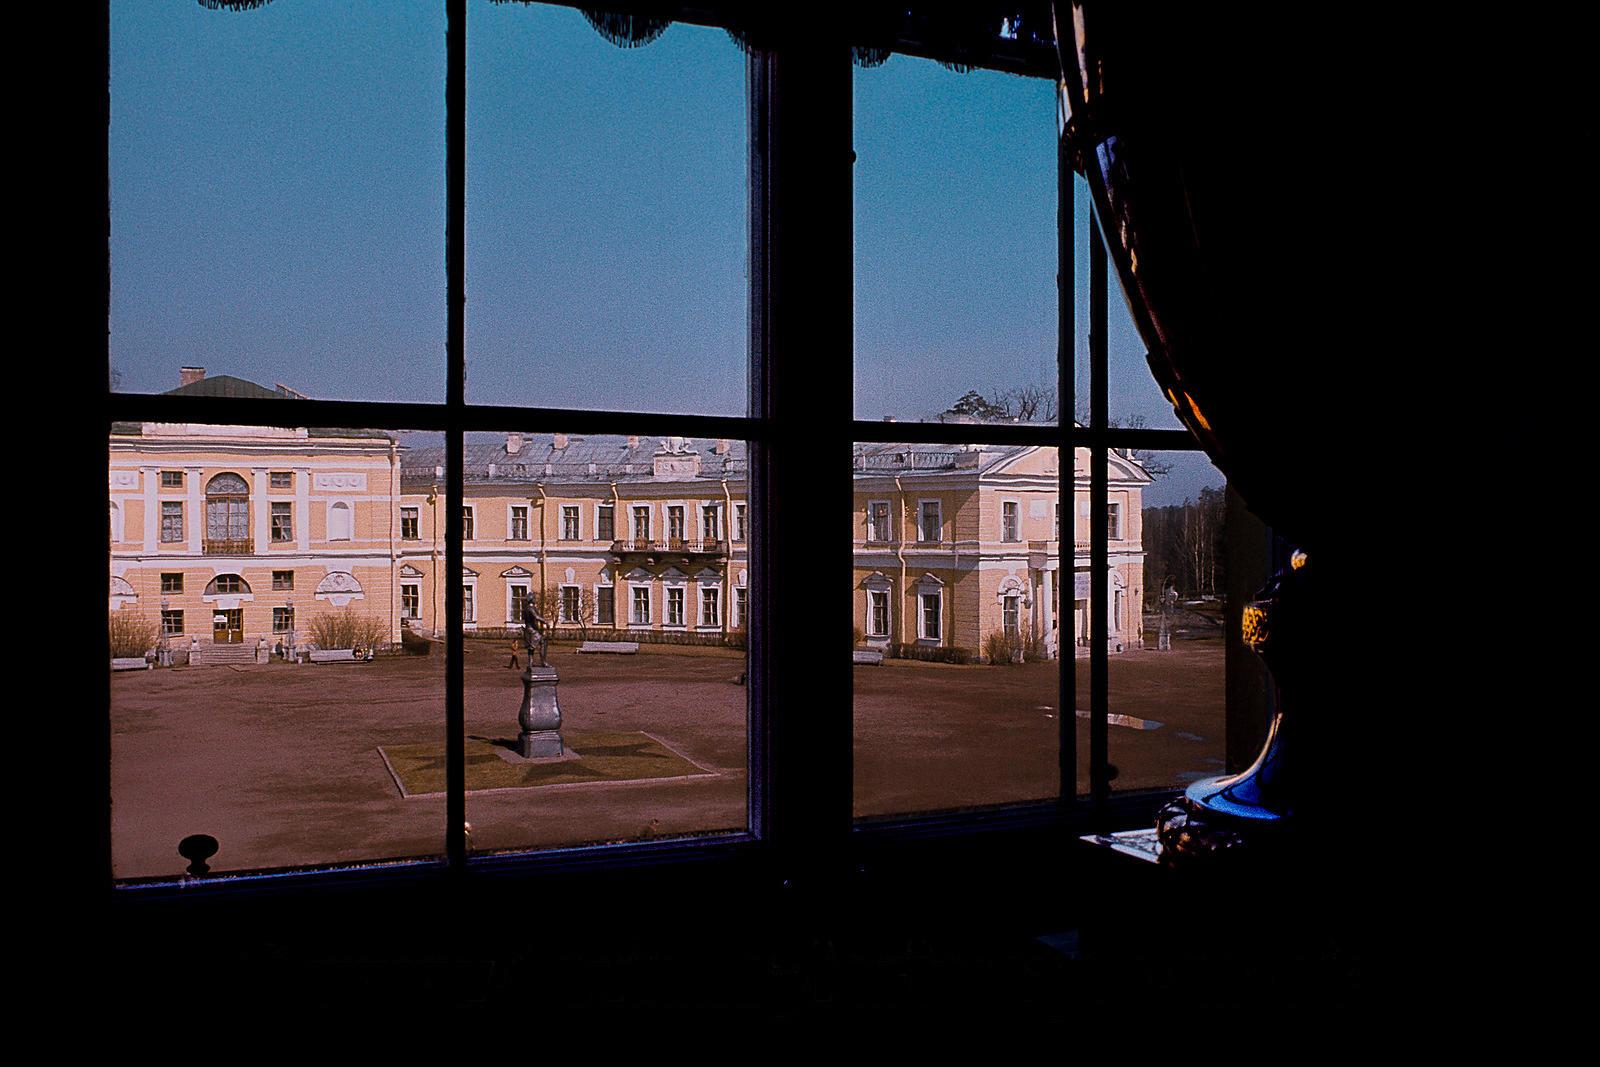 Павловск. Павловский дворец.